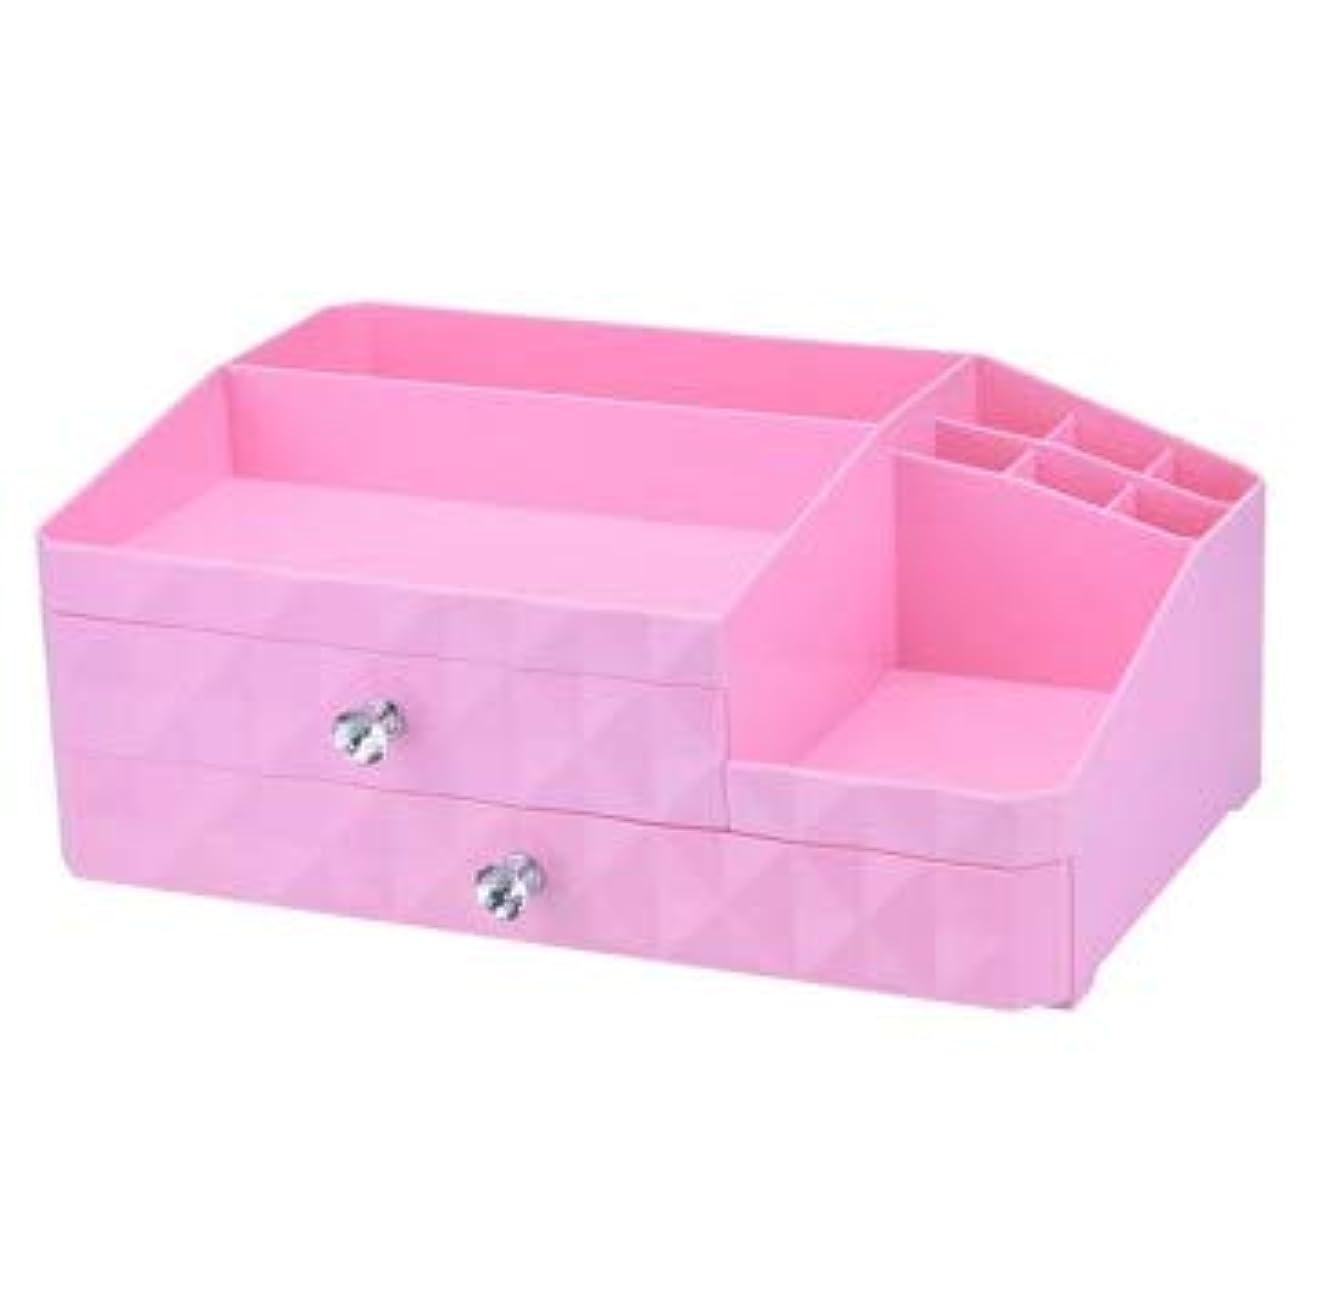 絶壁気分が悪い札入れデスクトップジュエリーボックス引き出し化粧品収納ボックス三層プラスチック仕上げボックス (Color : ピンク)